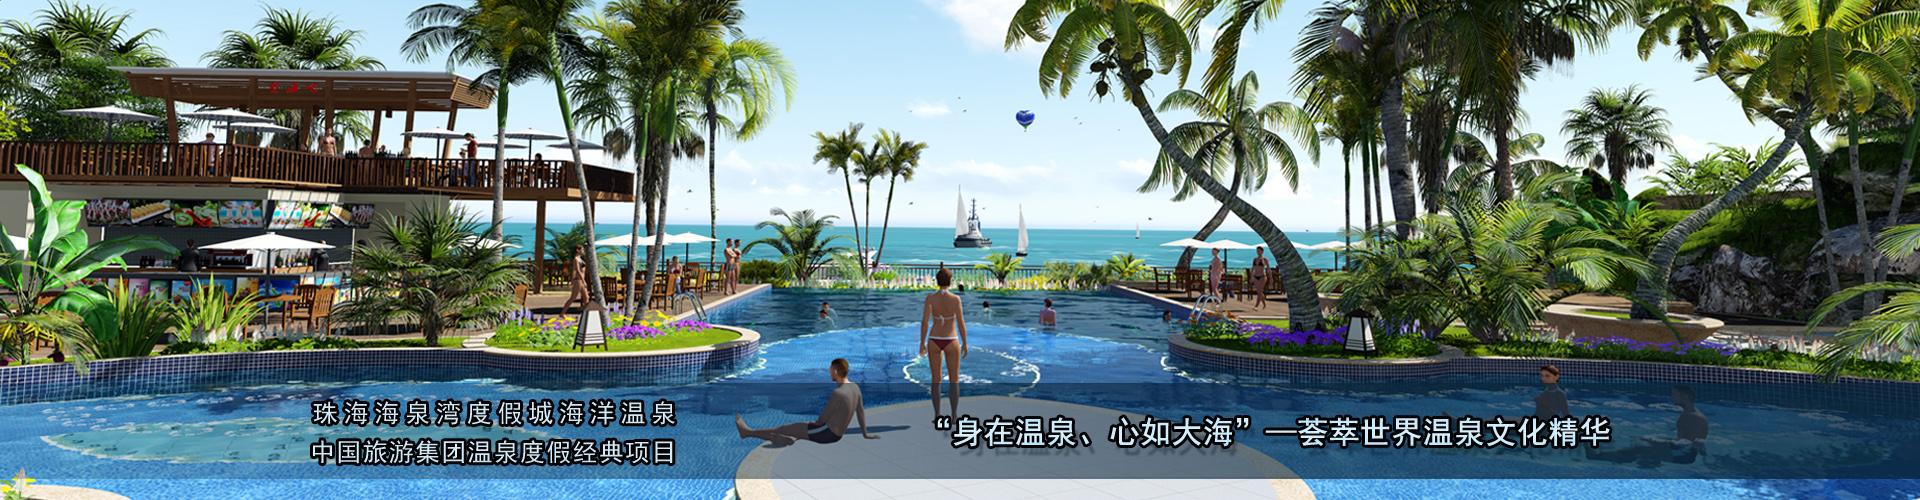 http://www.mu-fang.cn/data/images/slide/20200708150714_600.jpg